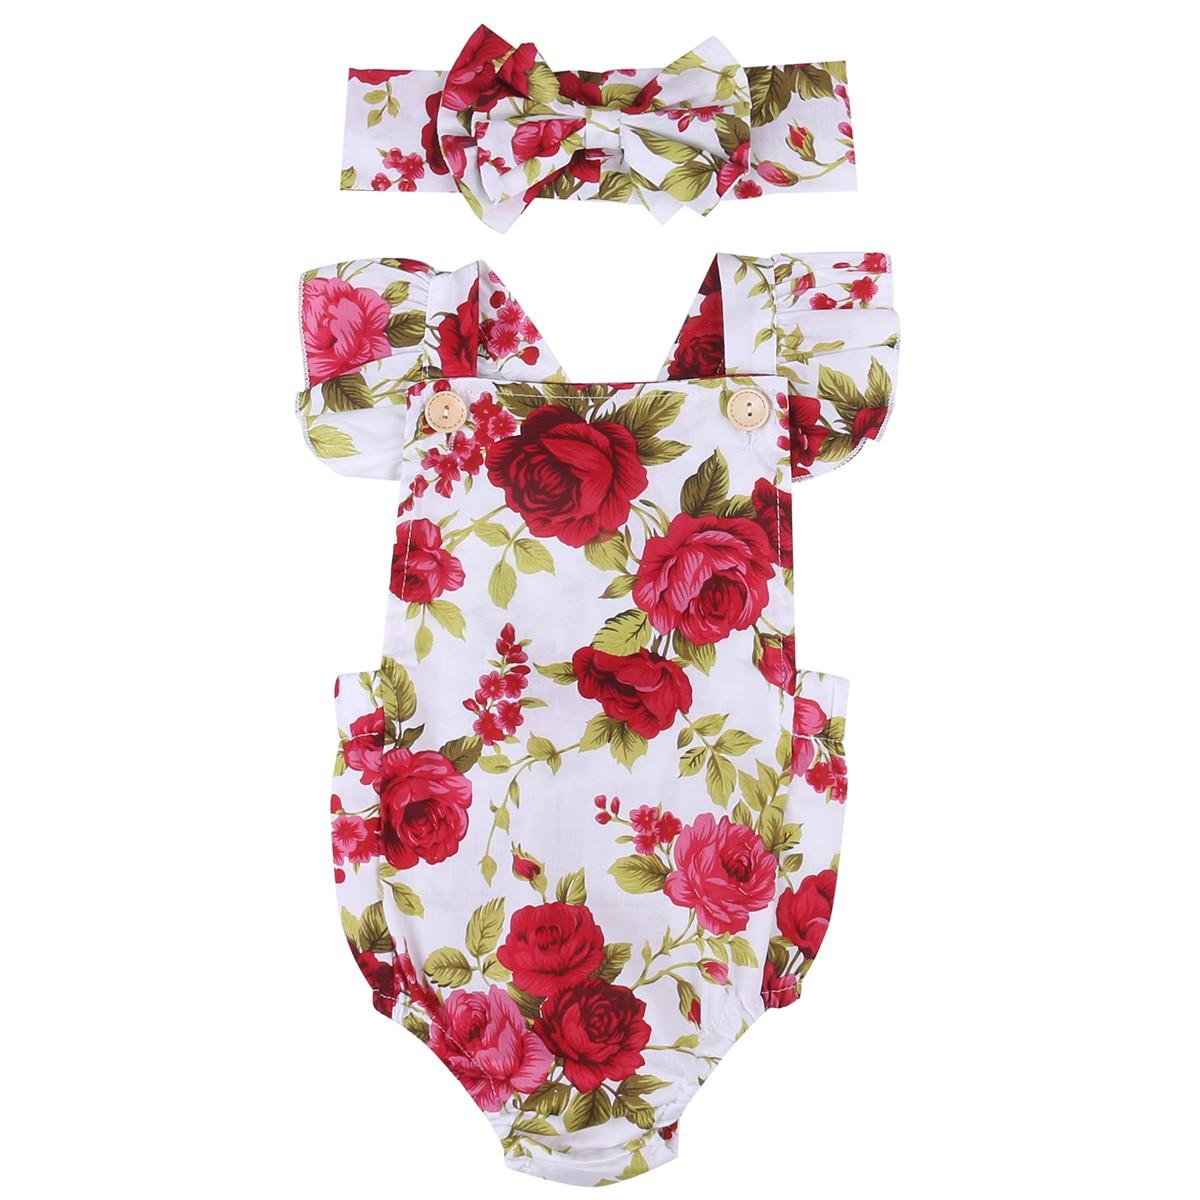 Bodysuit Հագուստ Նորածնի աղջկա նորածին կարճ թևի ծաղկամուղ 2 հատ